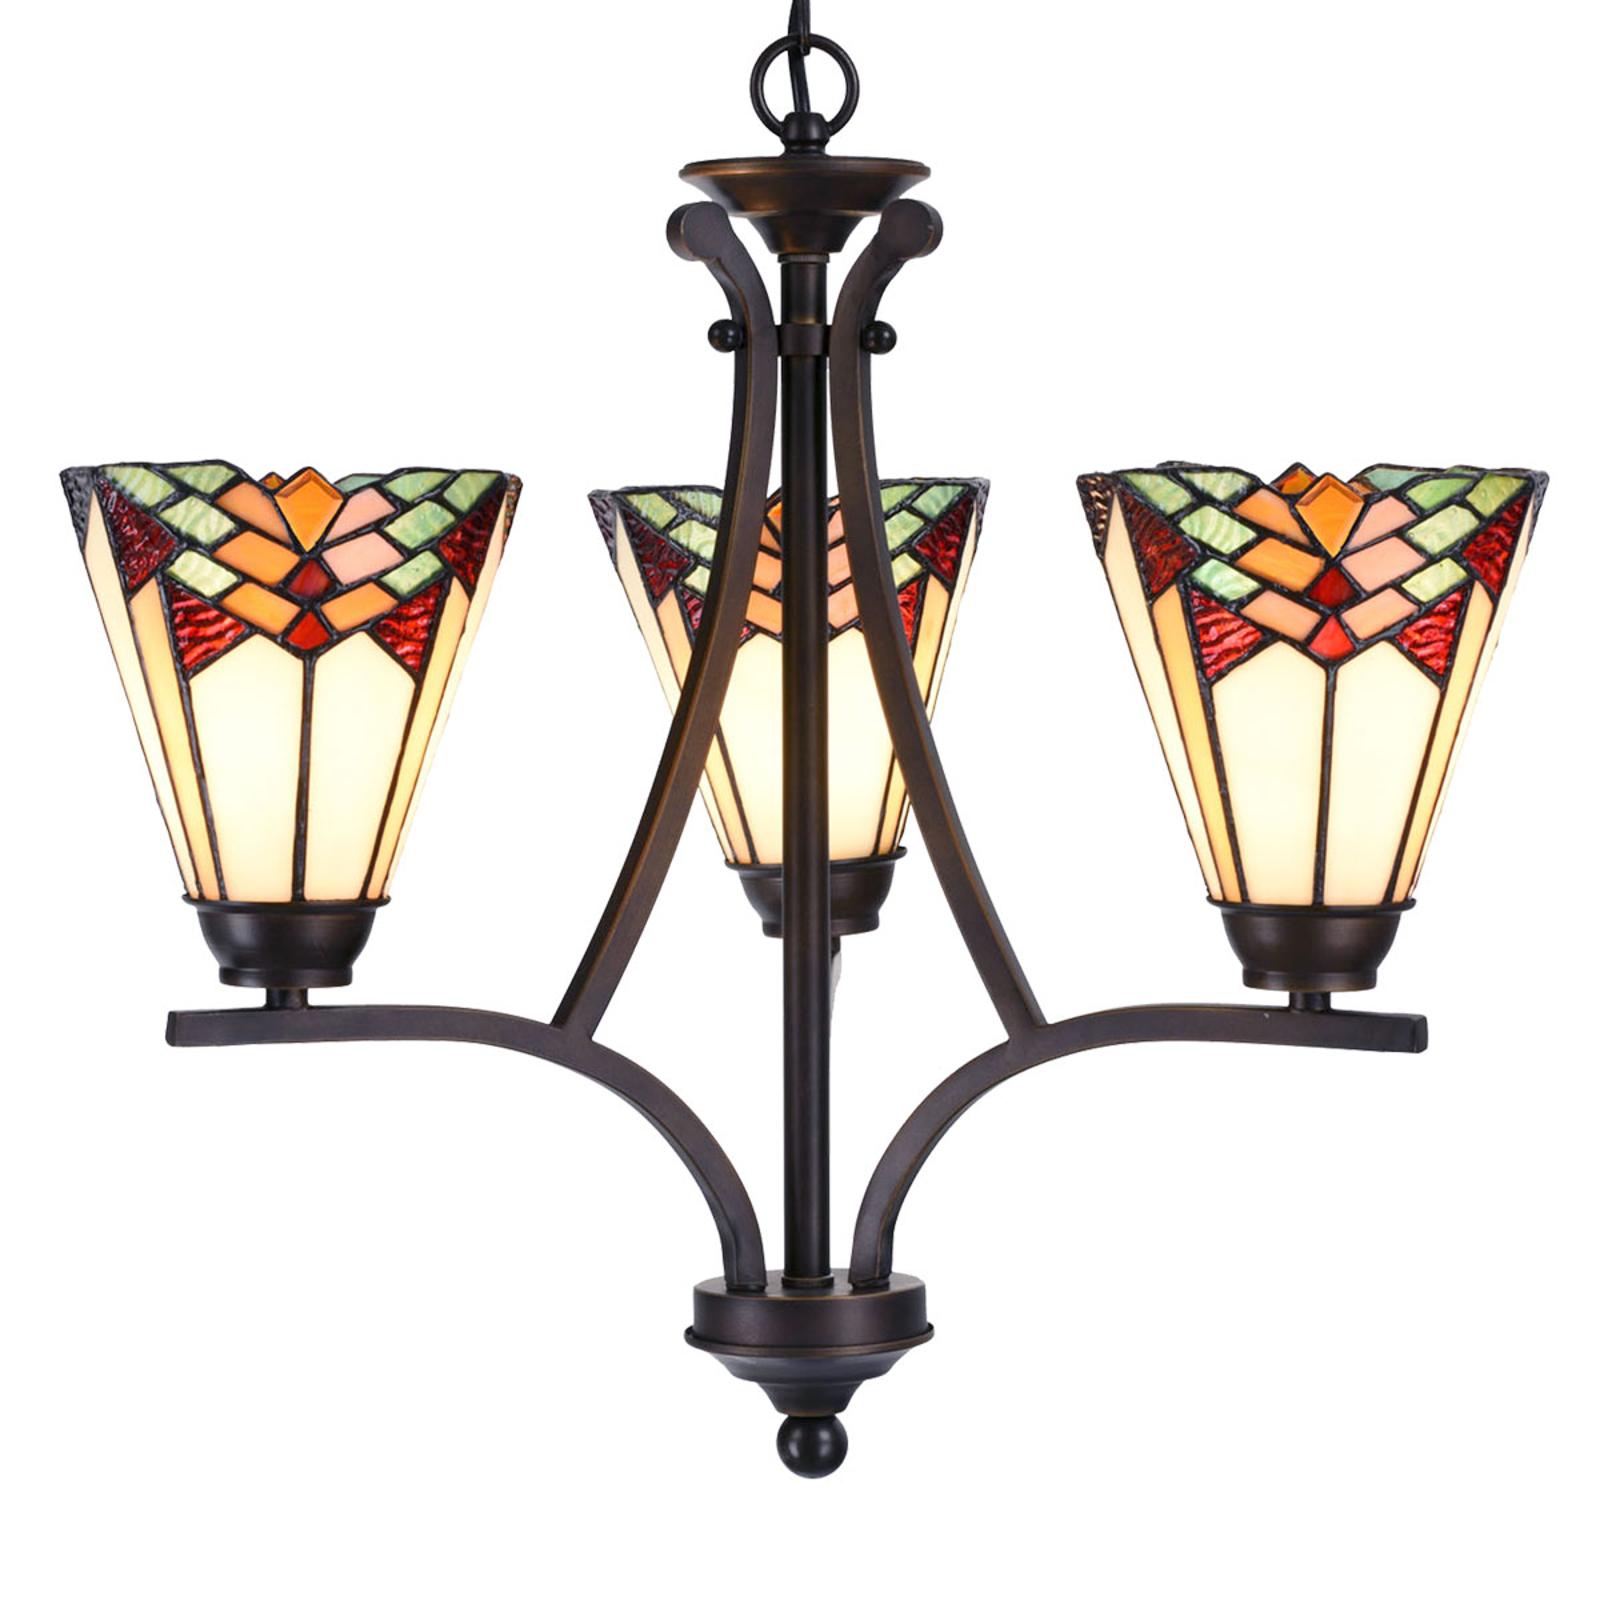 Kattokruunu 5967, 3-lamppuinen, tiffany-tyylinen